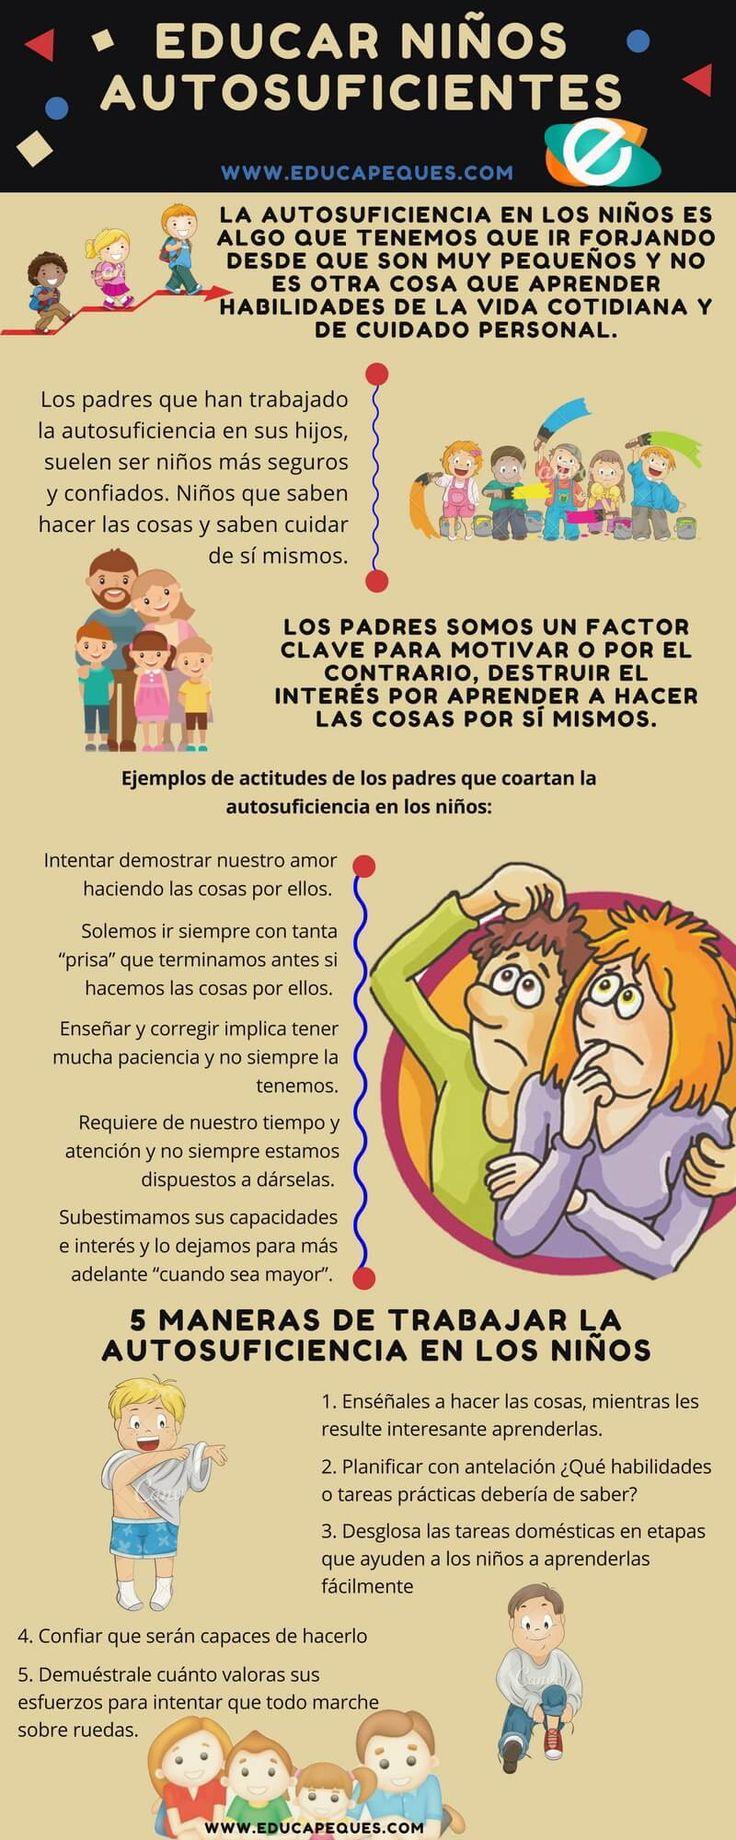 Cómo educar a niños autosuficientes, Katty nos deja 5 maneras de trabajar la autosuficiencia en los niños y evitar que sean tan dependientes de los padres